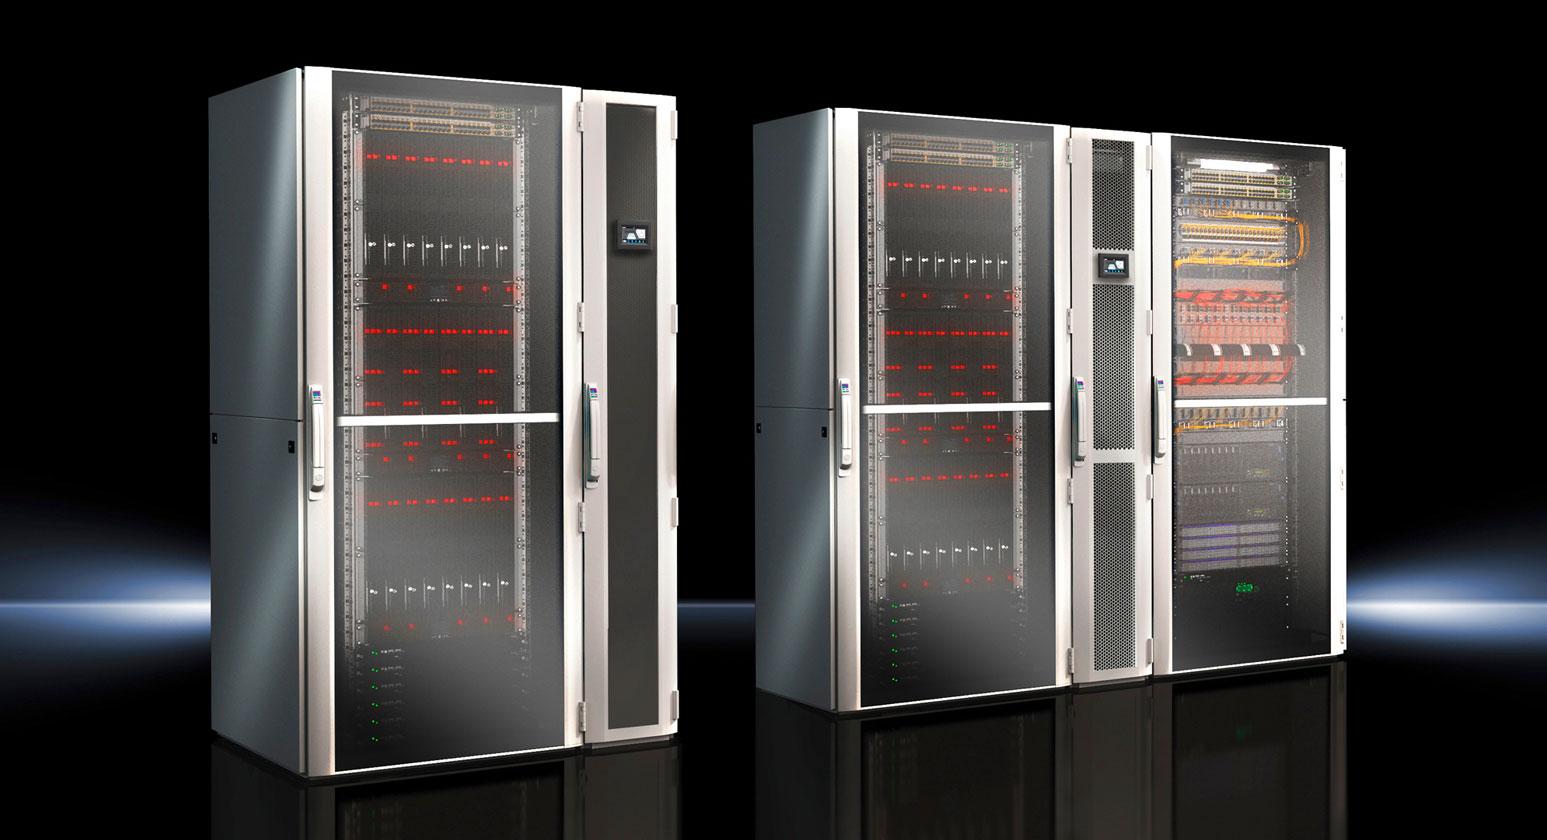 Server Rack Infrastructure